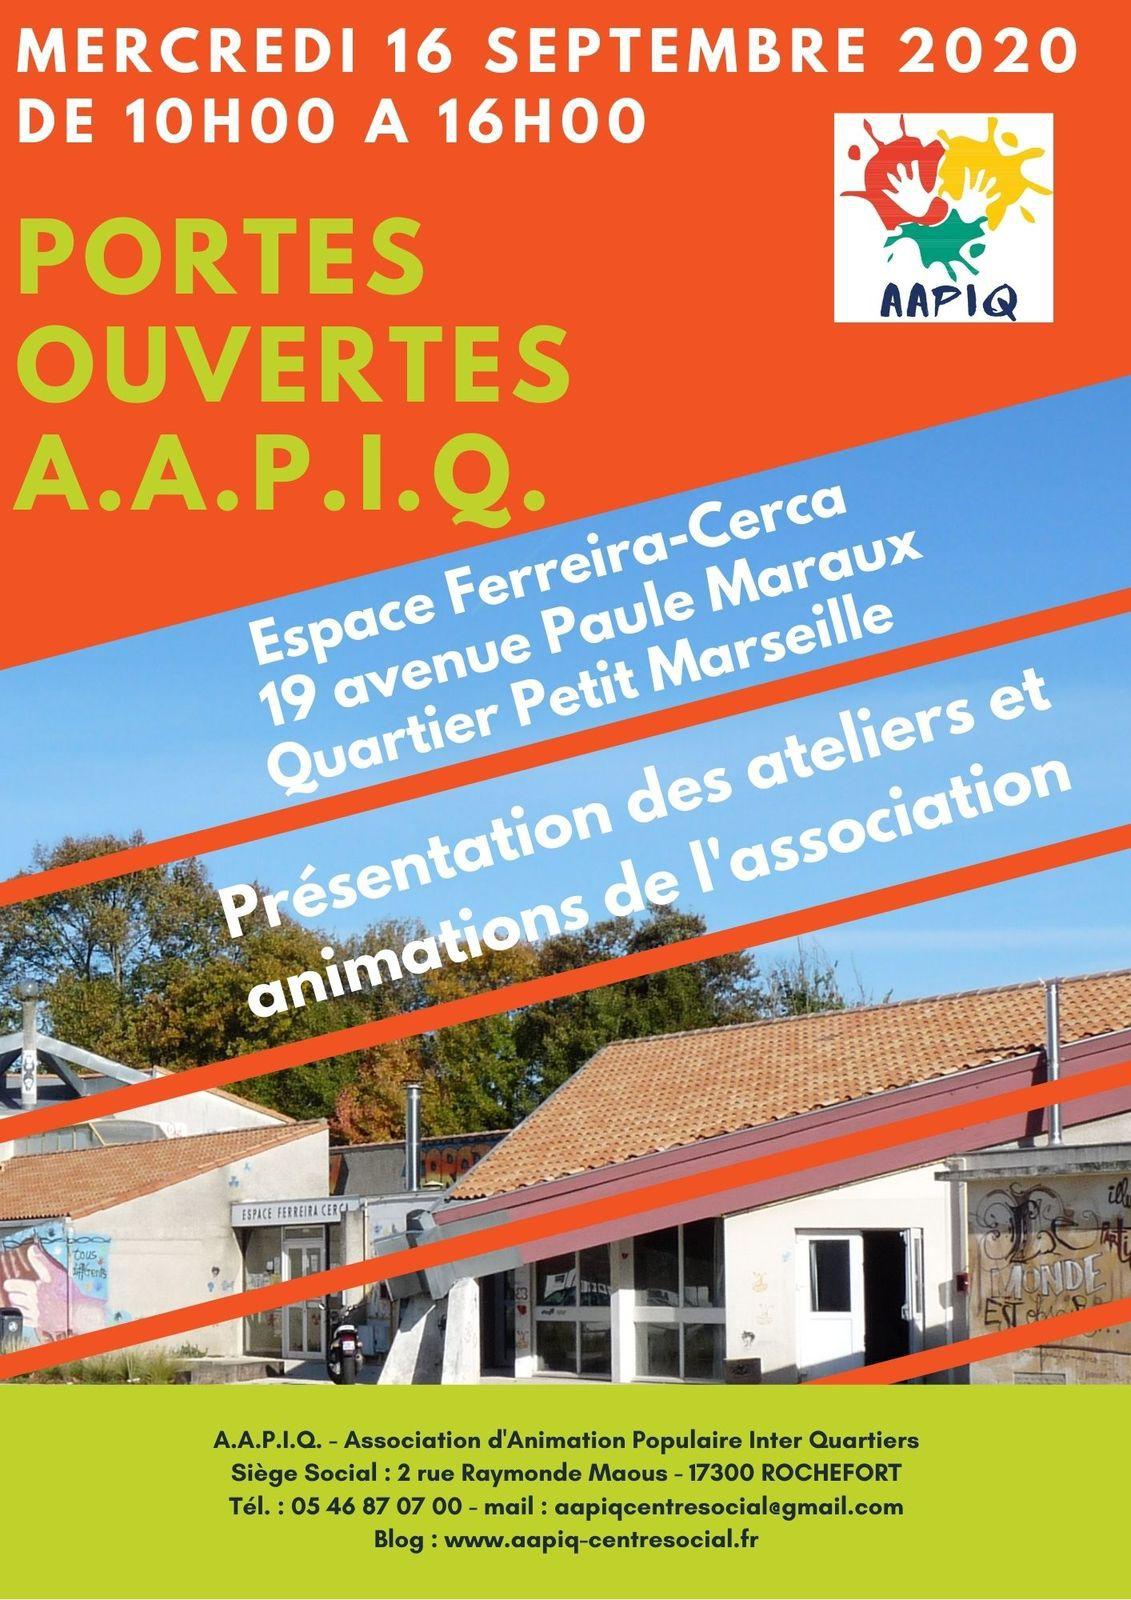 PORTES OUVERTES DE L'AAPIQ